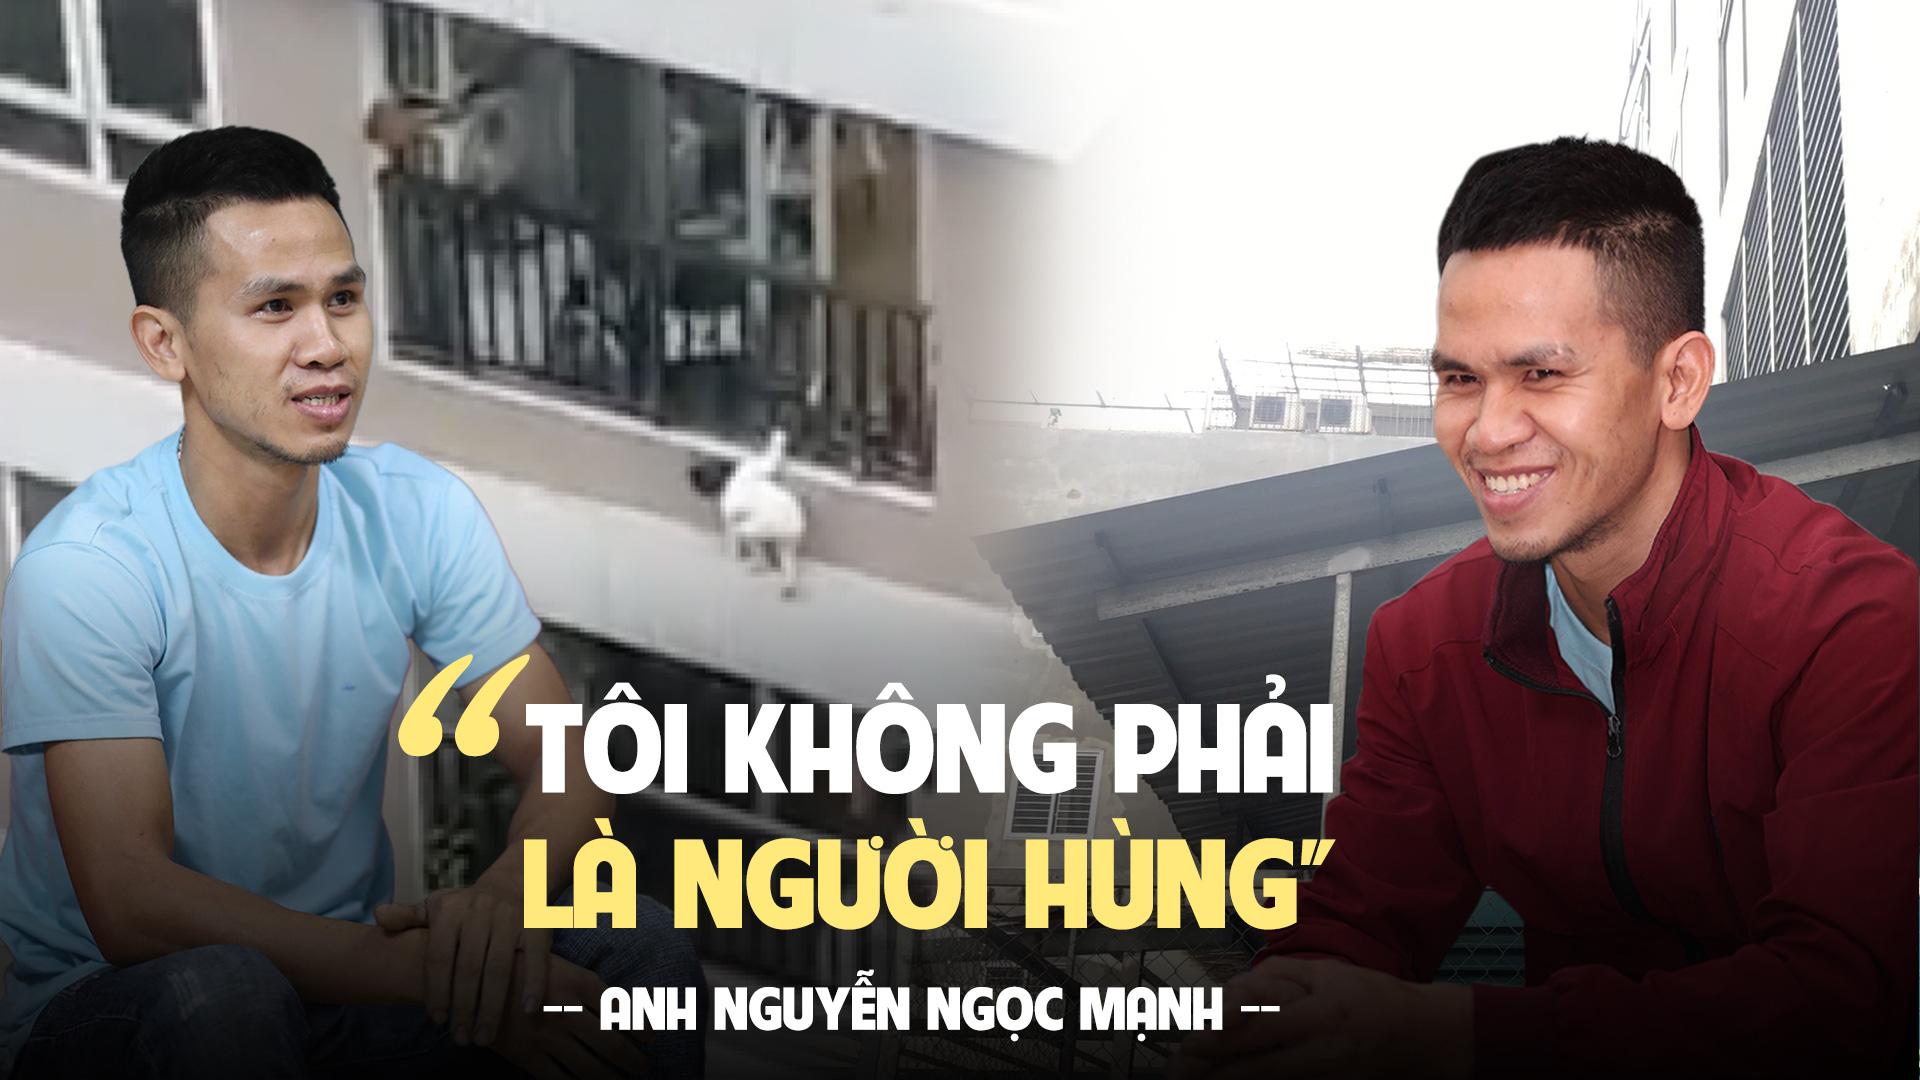 Nguyễn Ngọc Mạnh có thật sự là người hùng? 2